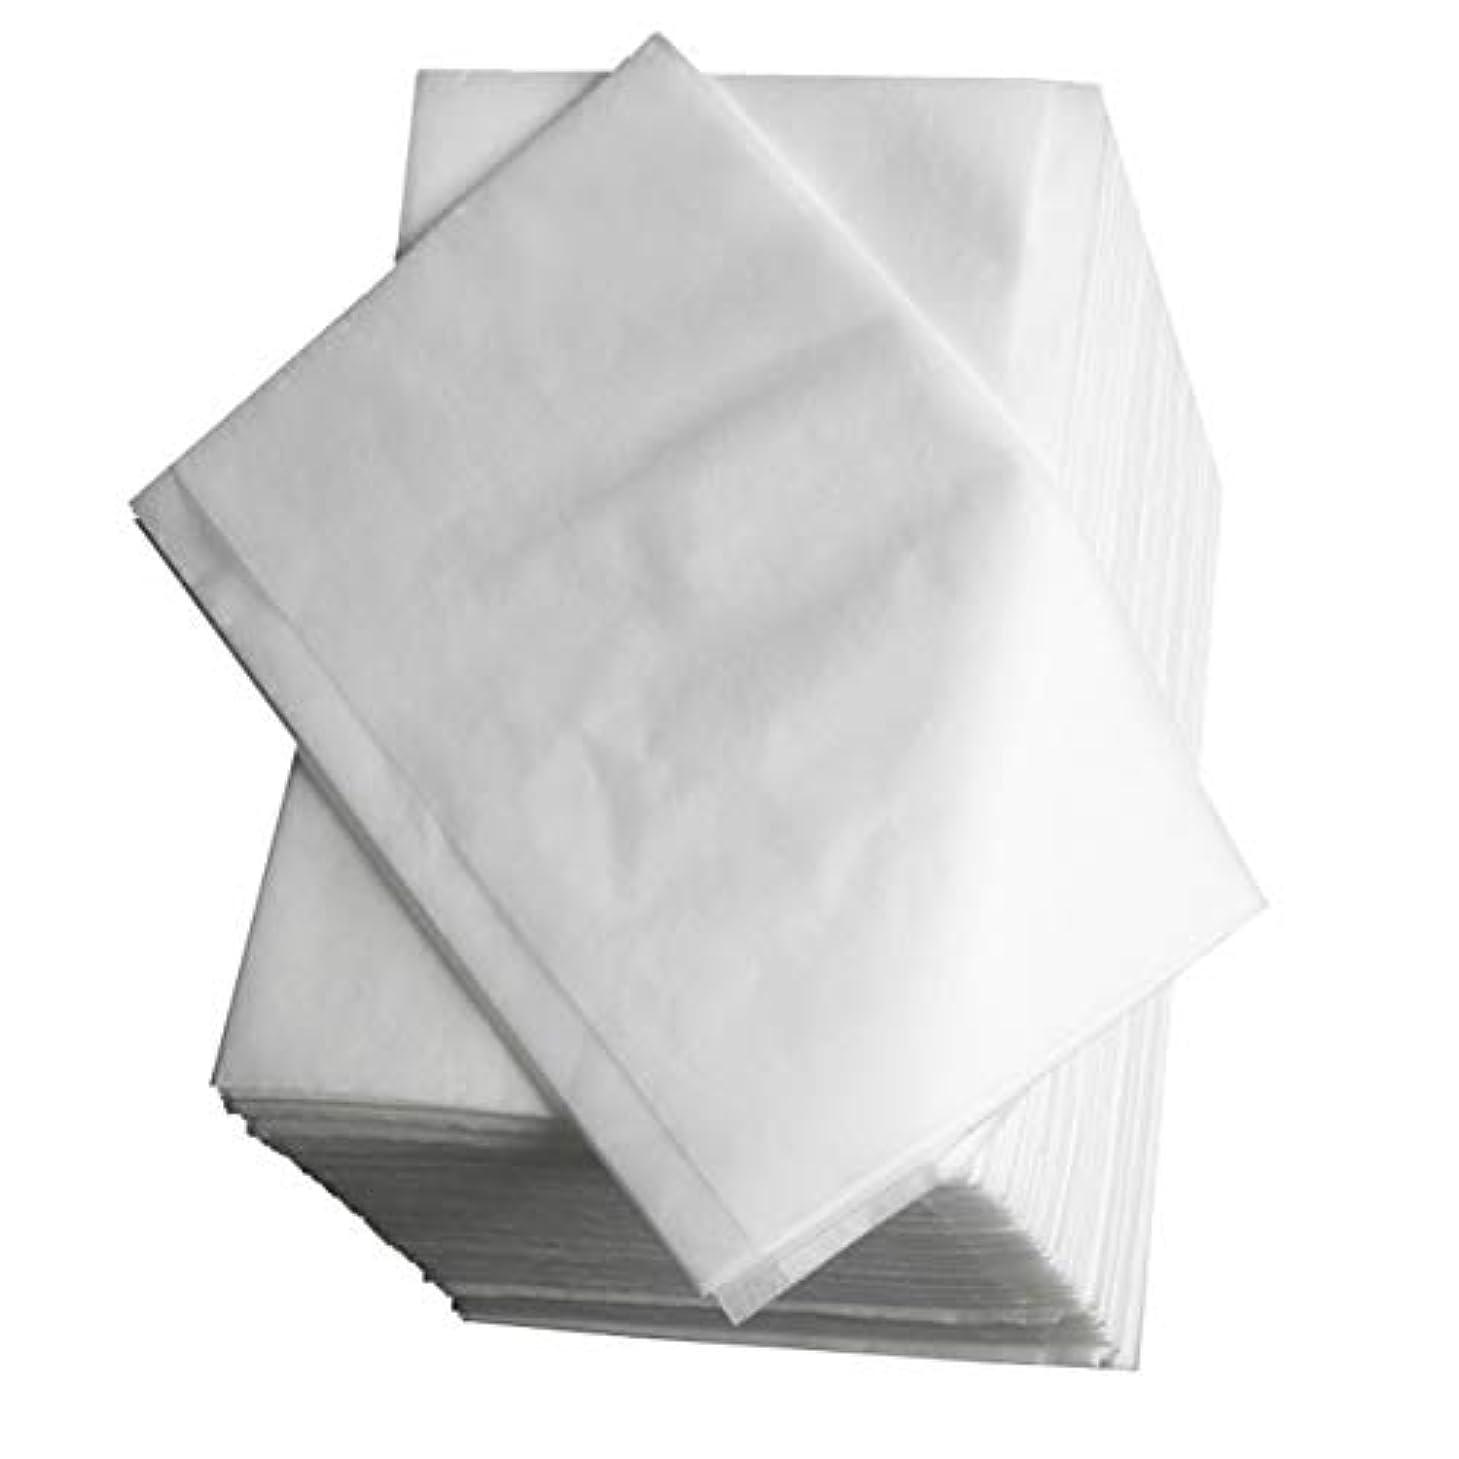 苛性効率的お茶Disposable Bed Linen Beauty Salon Massage Travel Medical Non-woven Mattress Breathable Antibacterial Anti-infective